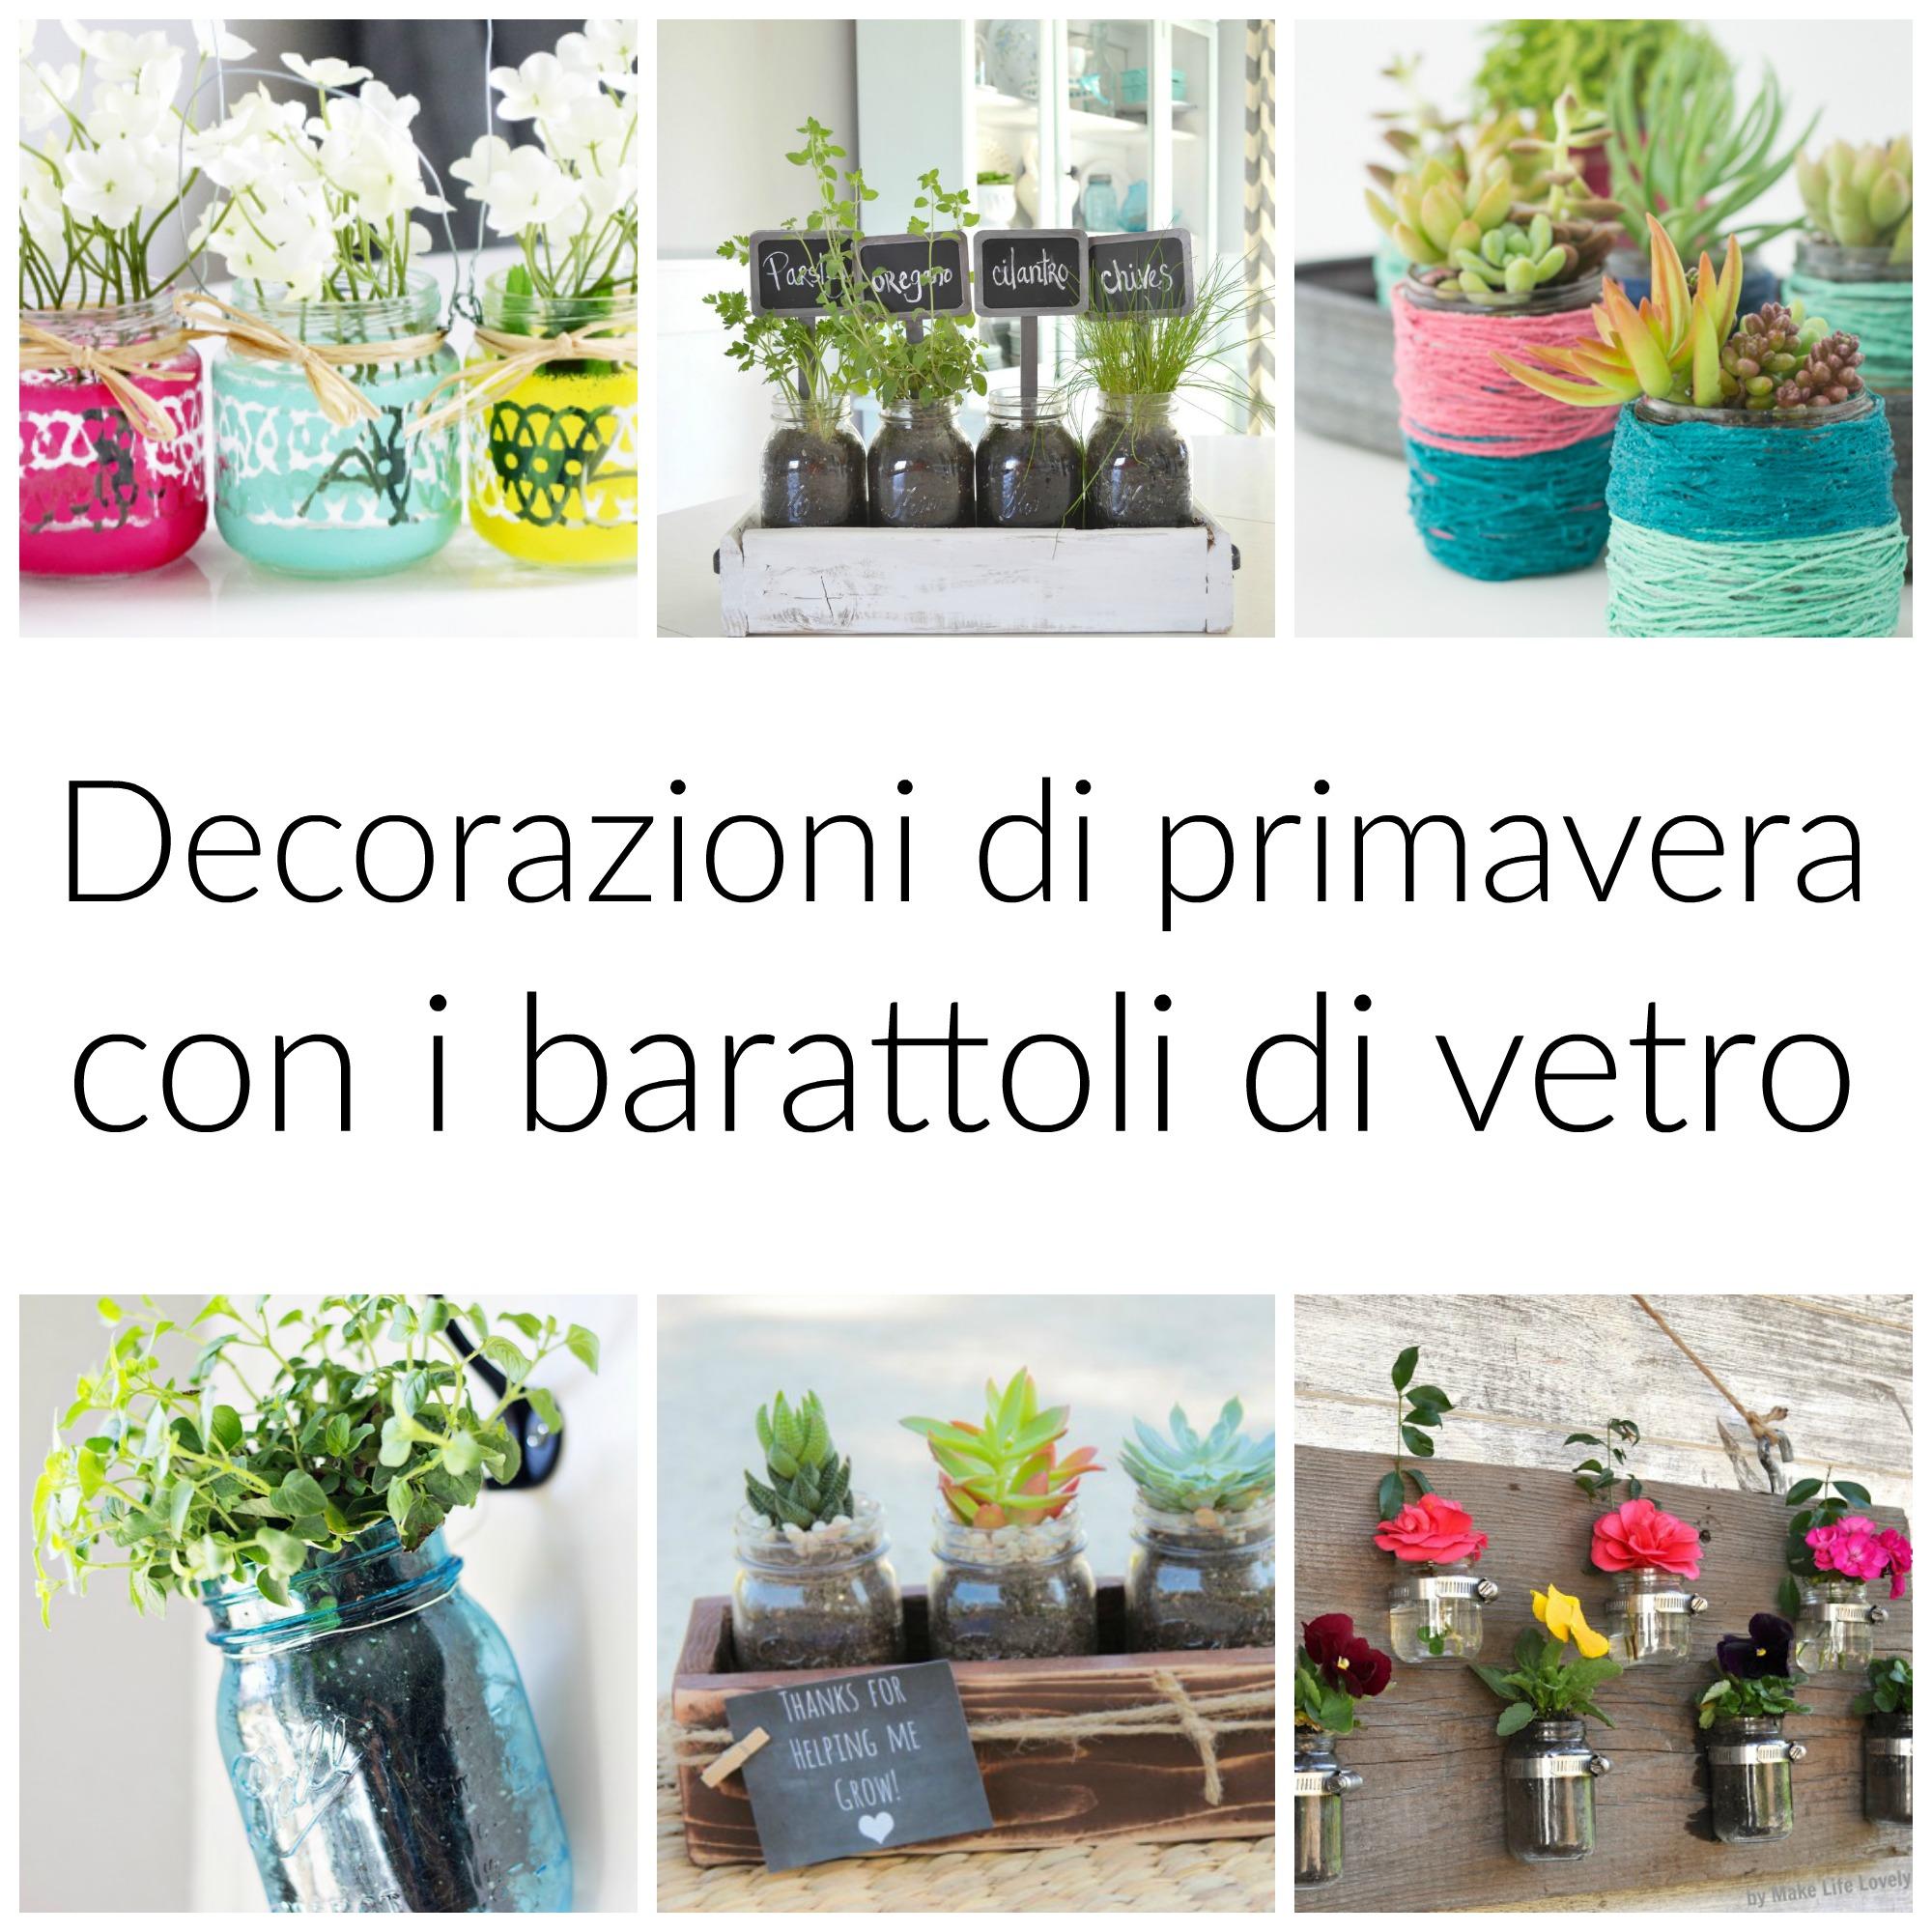 decorazioni di primavera con i barattoli di vetro babygreen